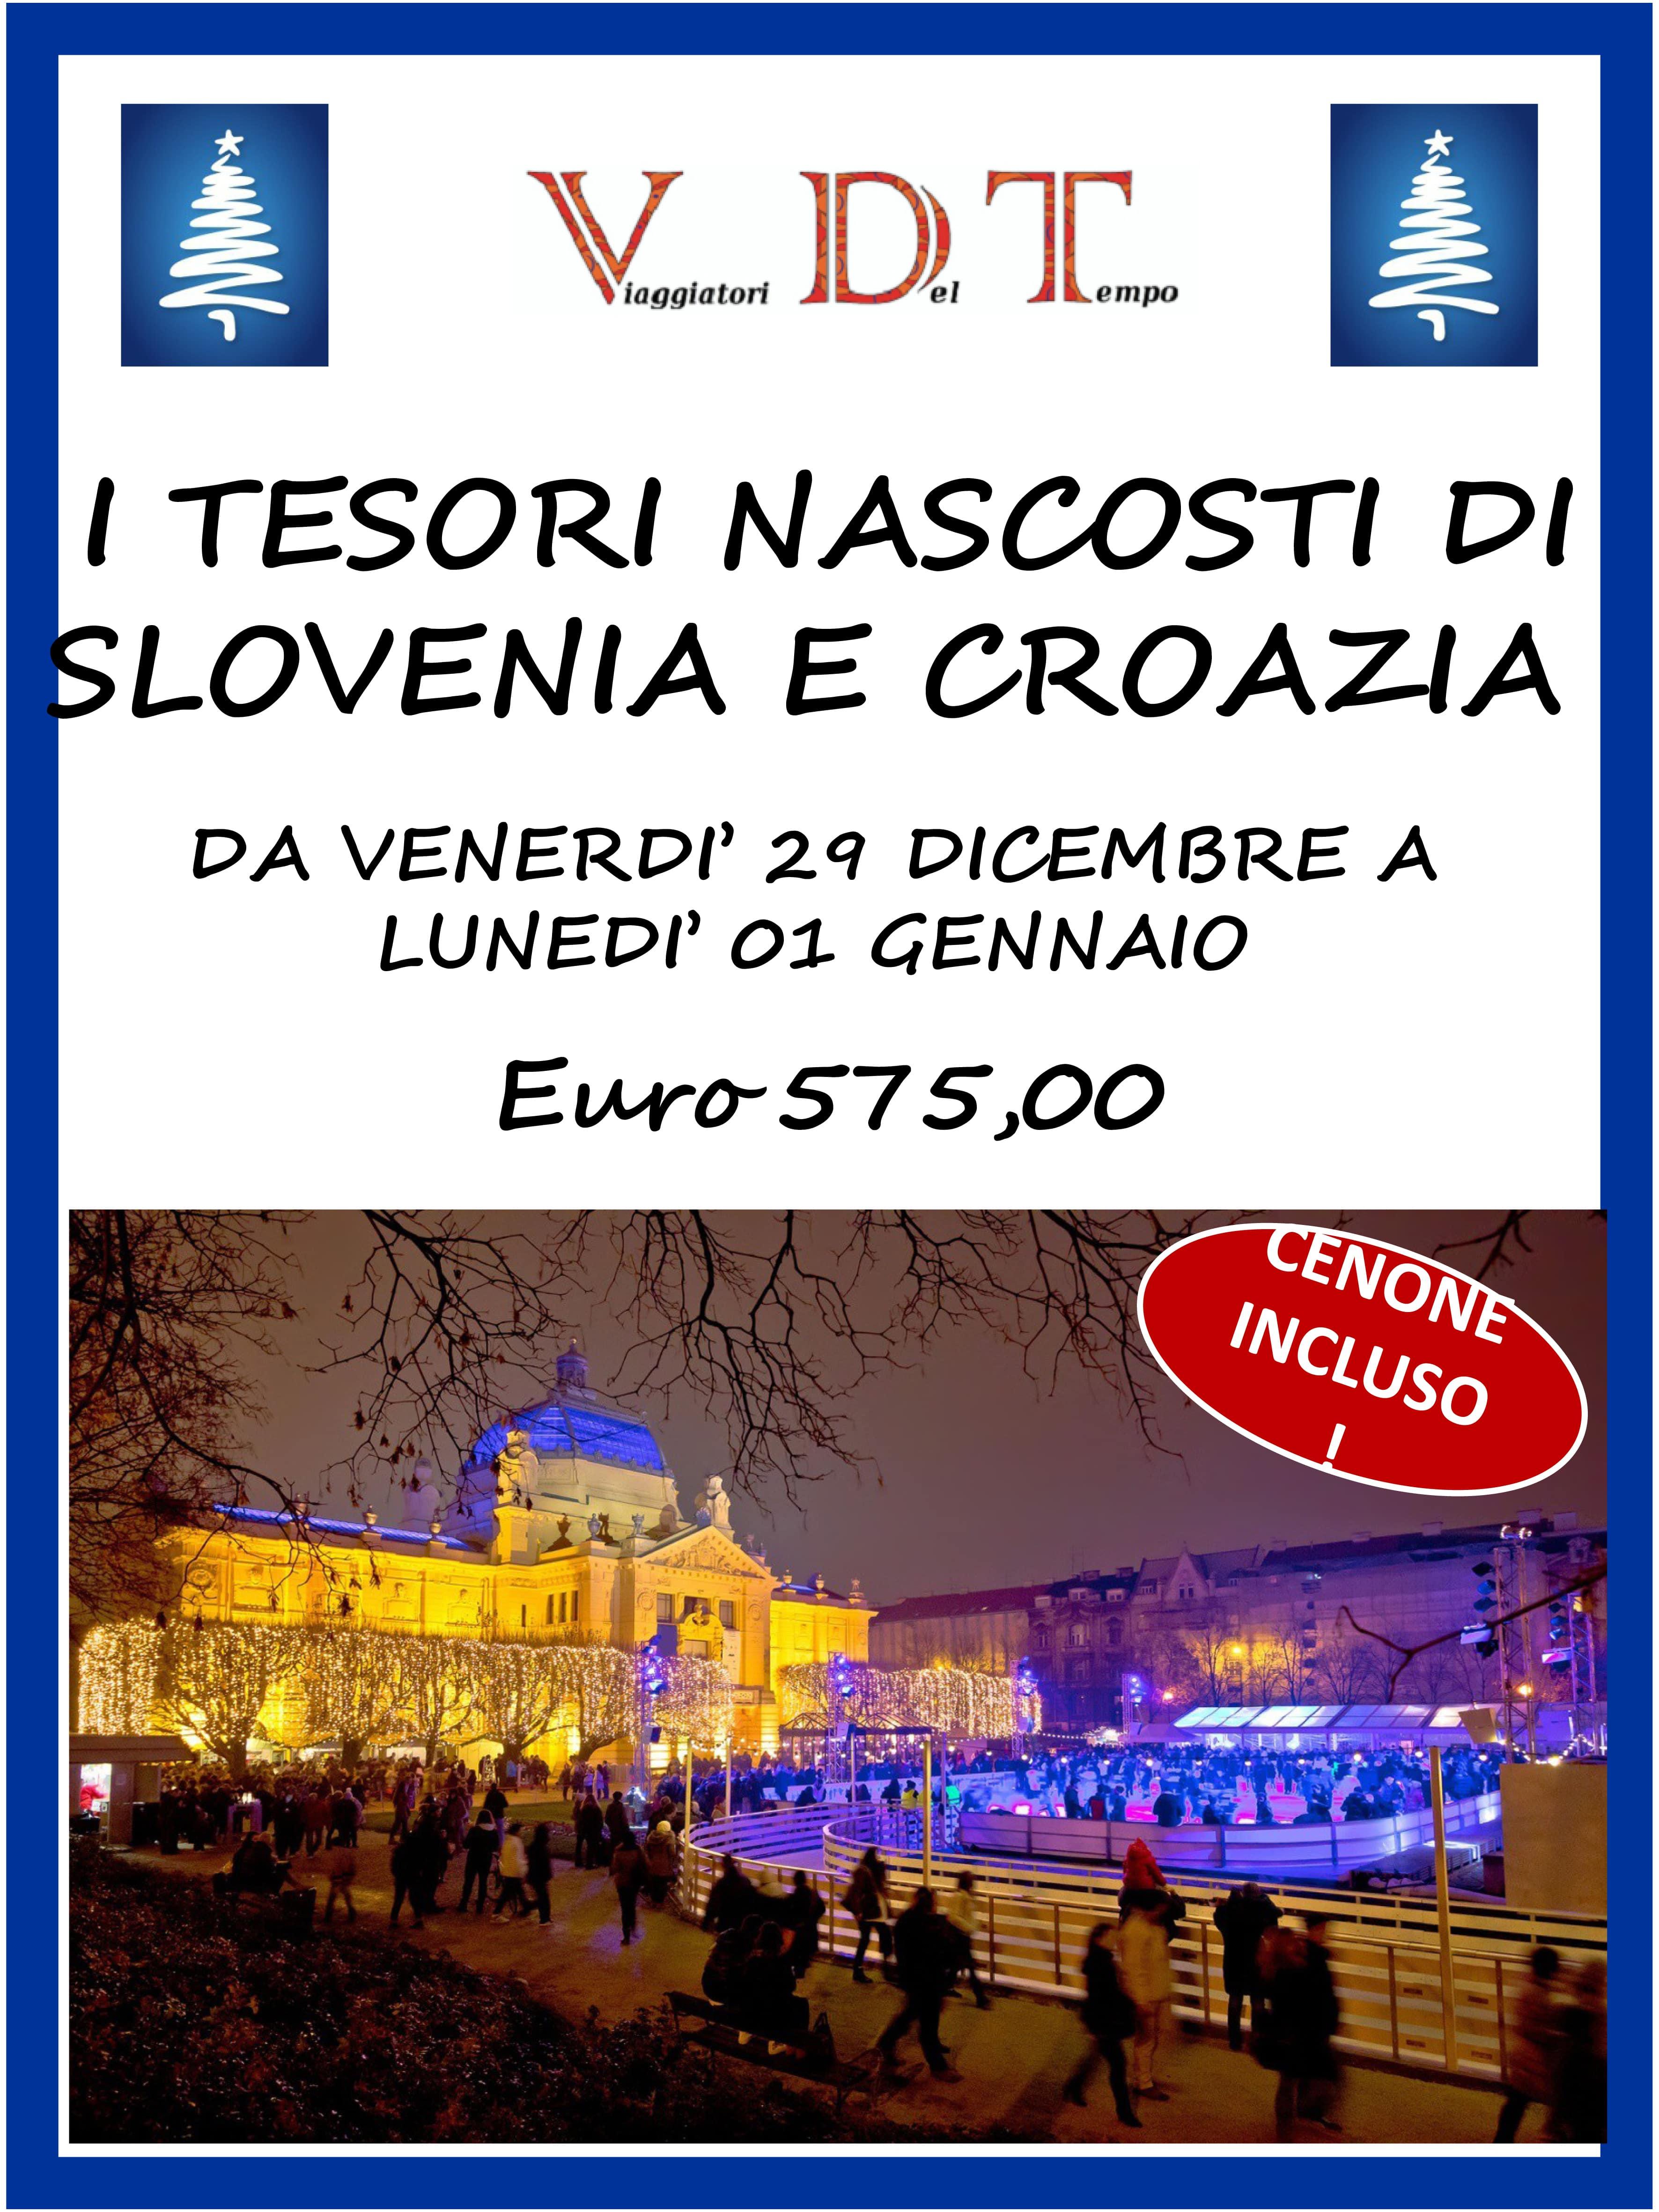 Idee cosa fare e dove andare capodanno 2017 2018 agenzia viaggi varese - Agenzia immobiliare slovenia ...